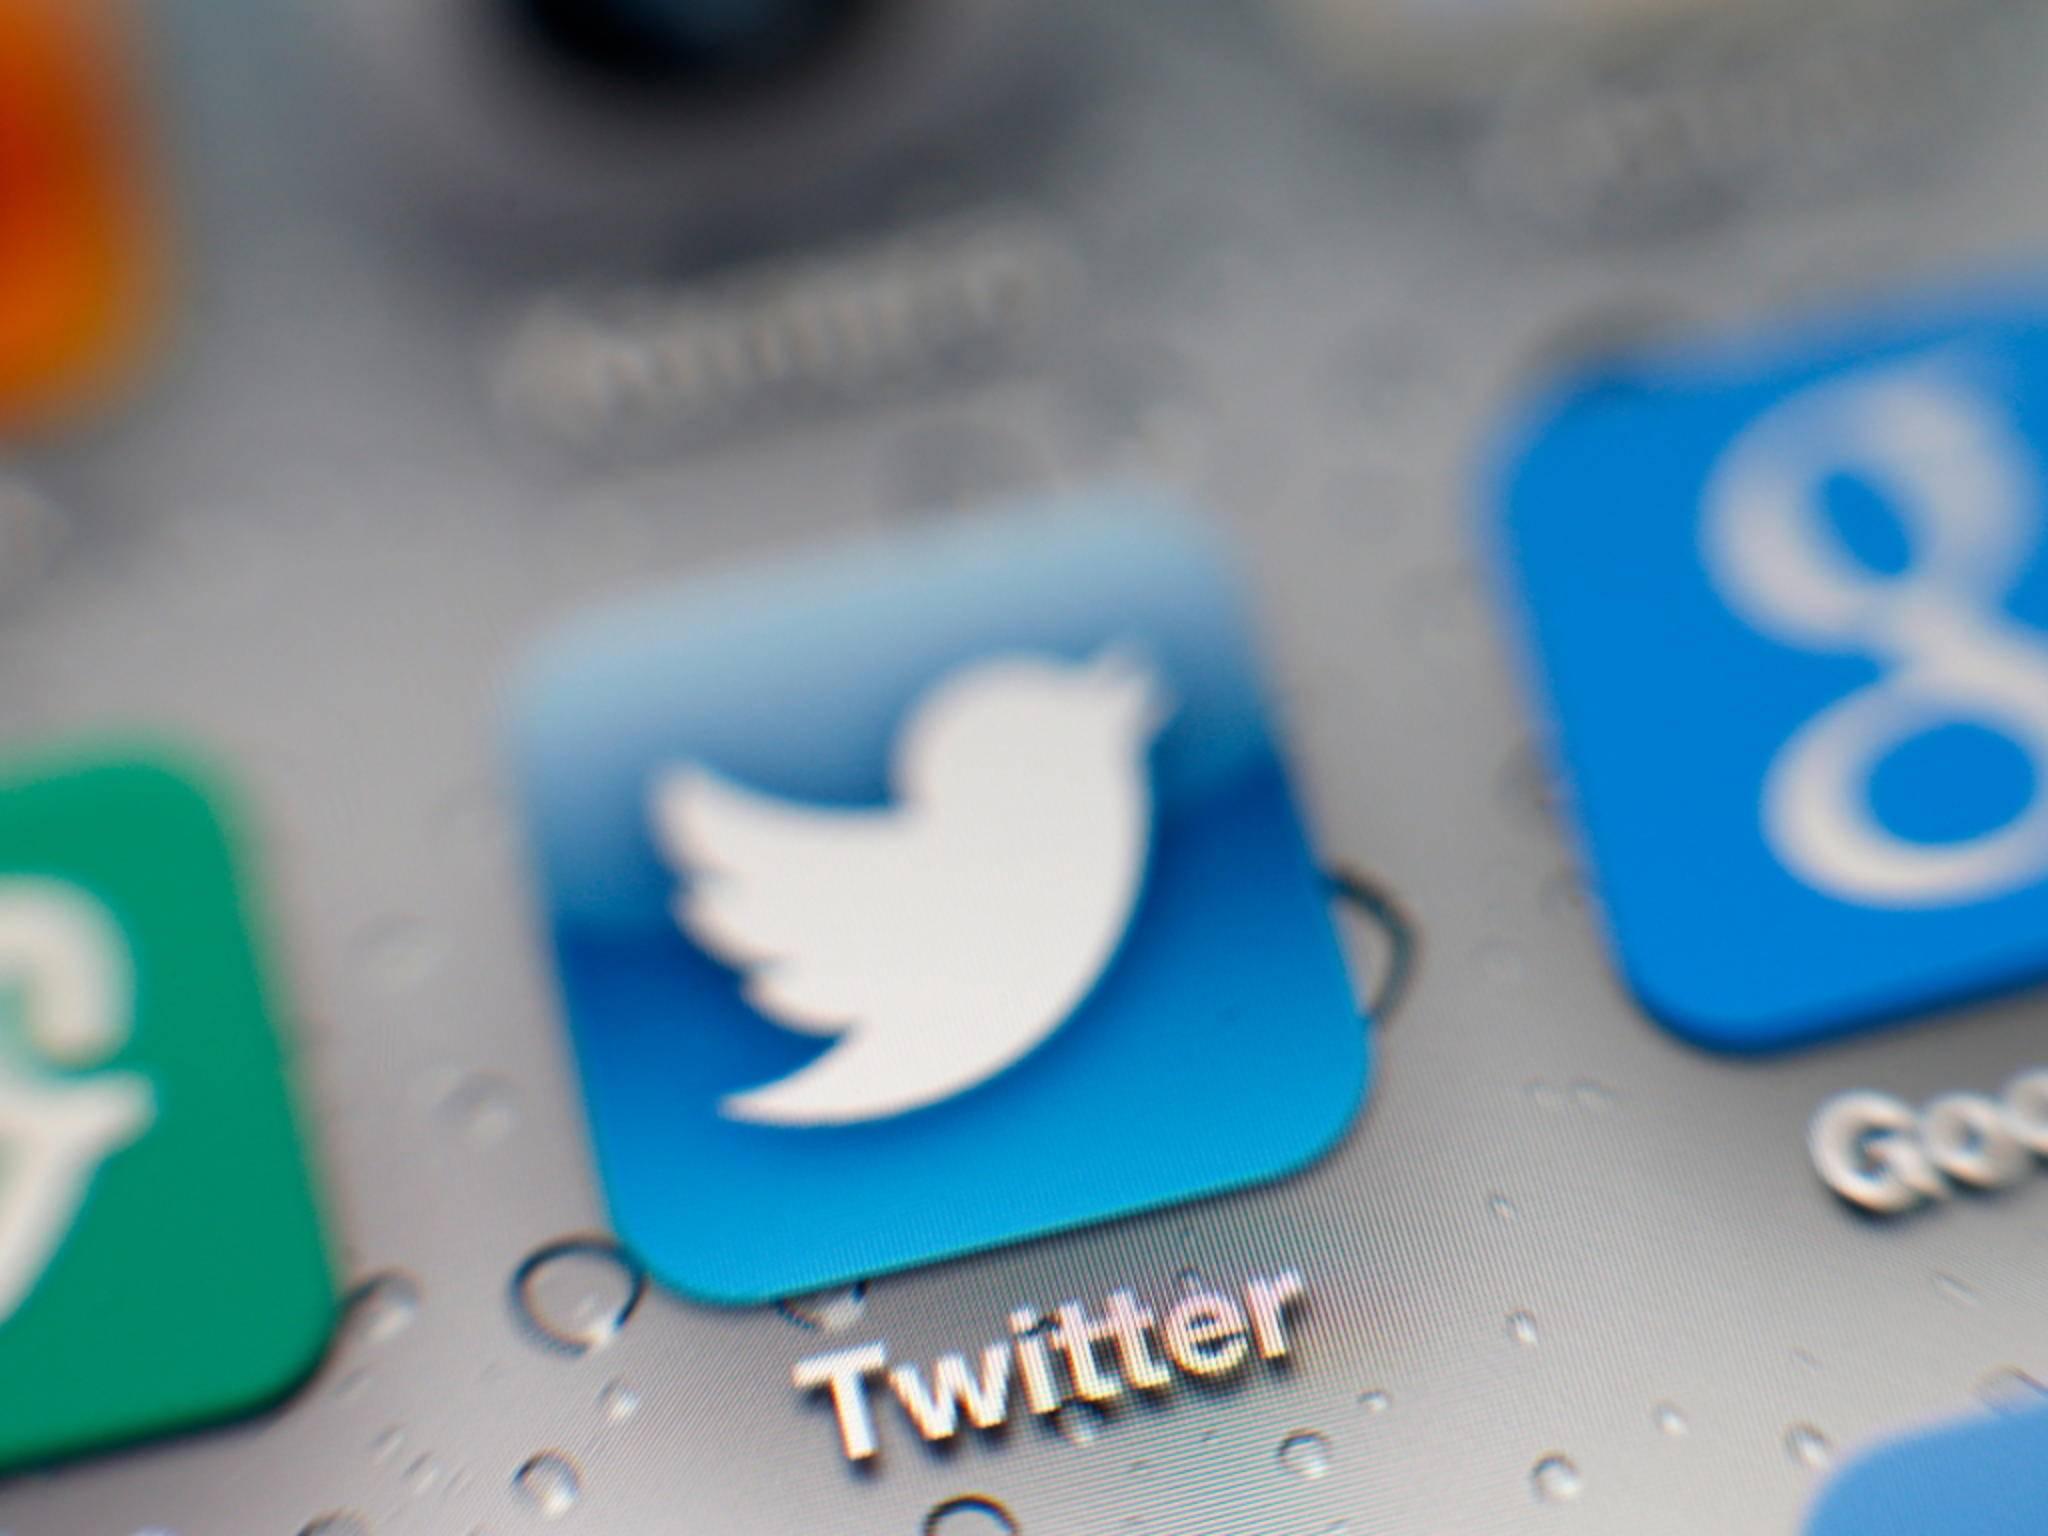 Ab sofort erscheinen Twitter-Nachrichten wieder in den Google-Suchergebnissen.